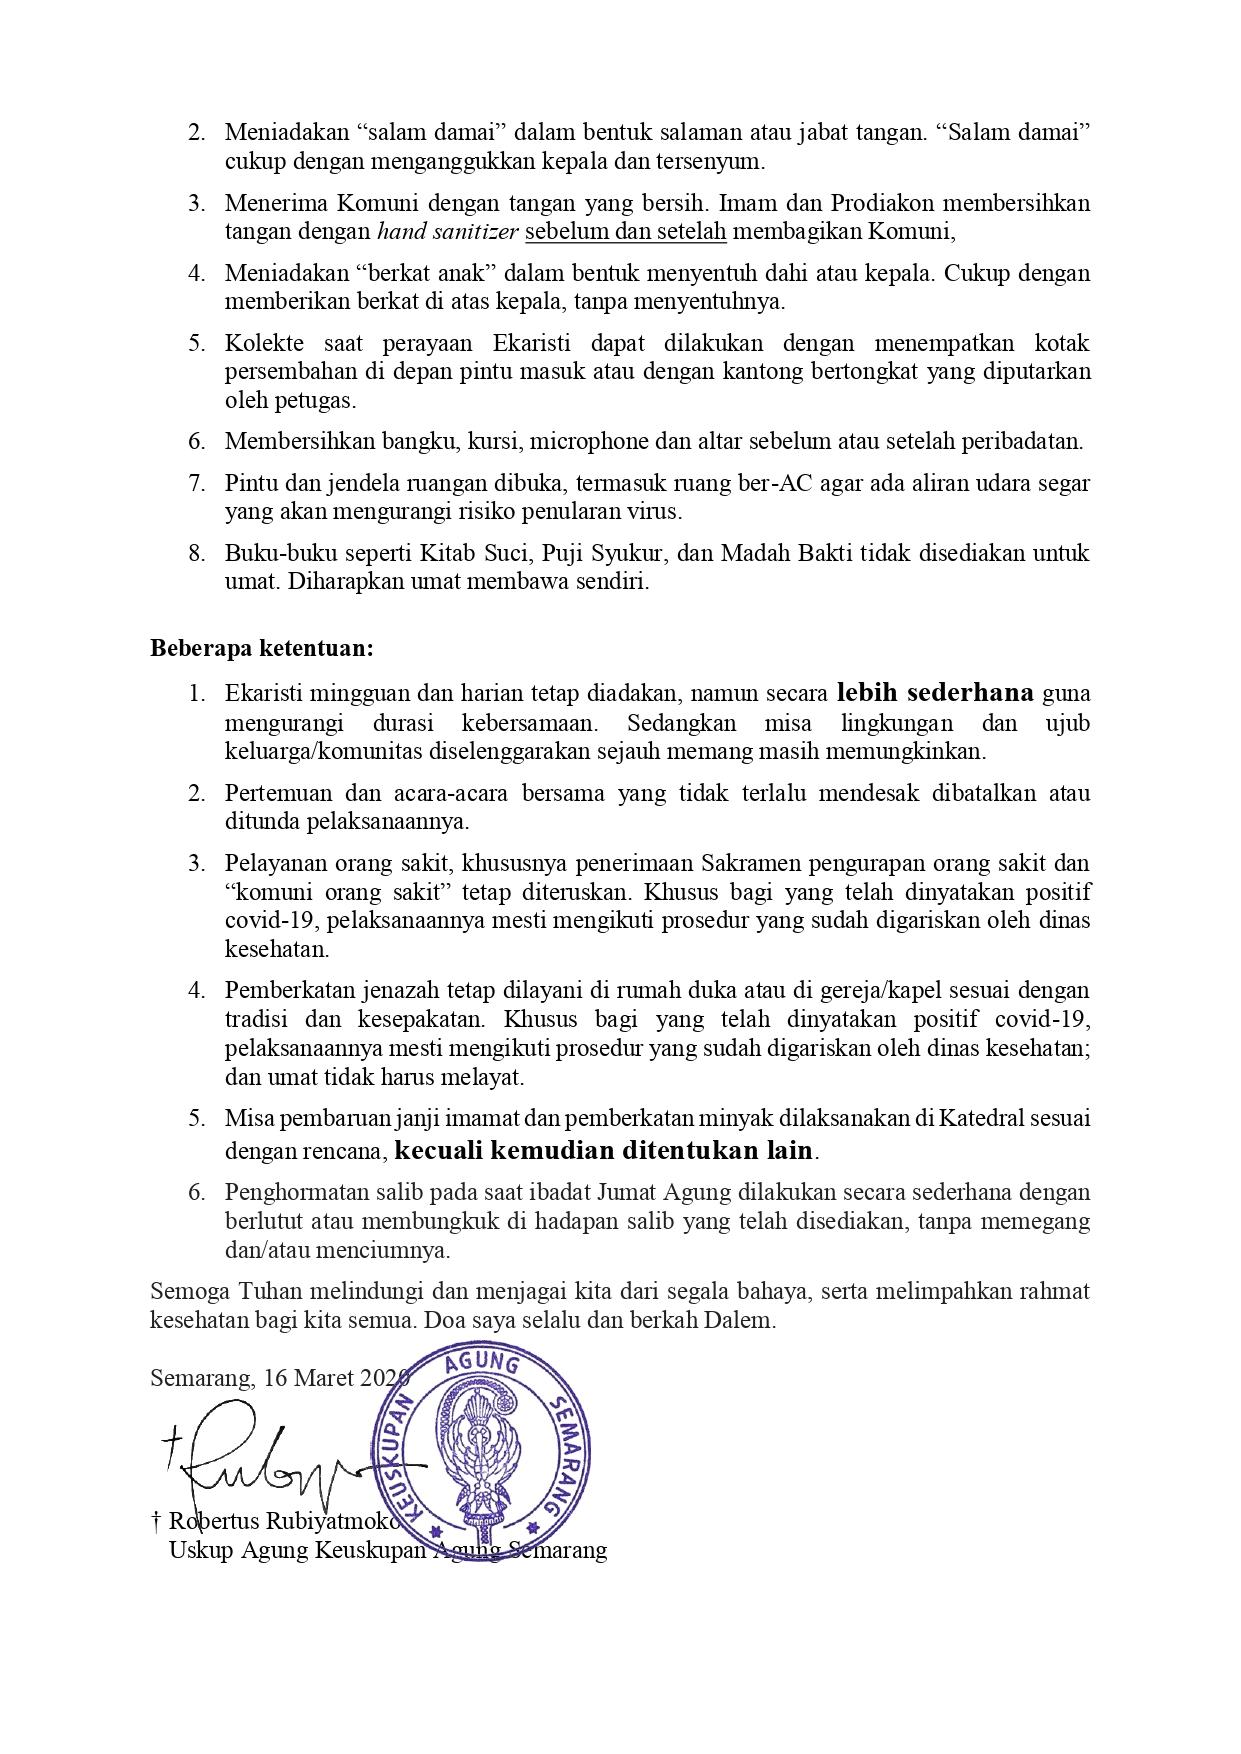 Edaran-Uskup-COVID-19-tgl.-16-Maret-2020_pages-to-jpg-0002.jpg